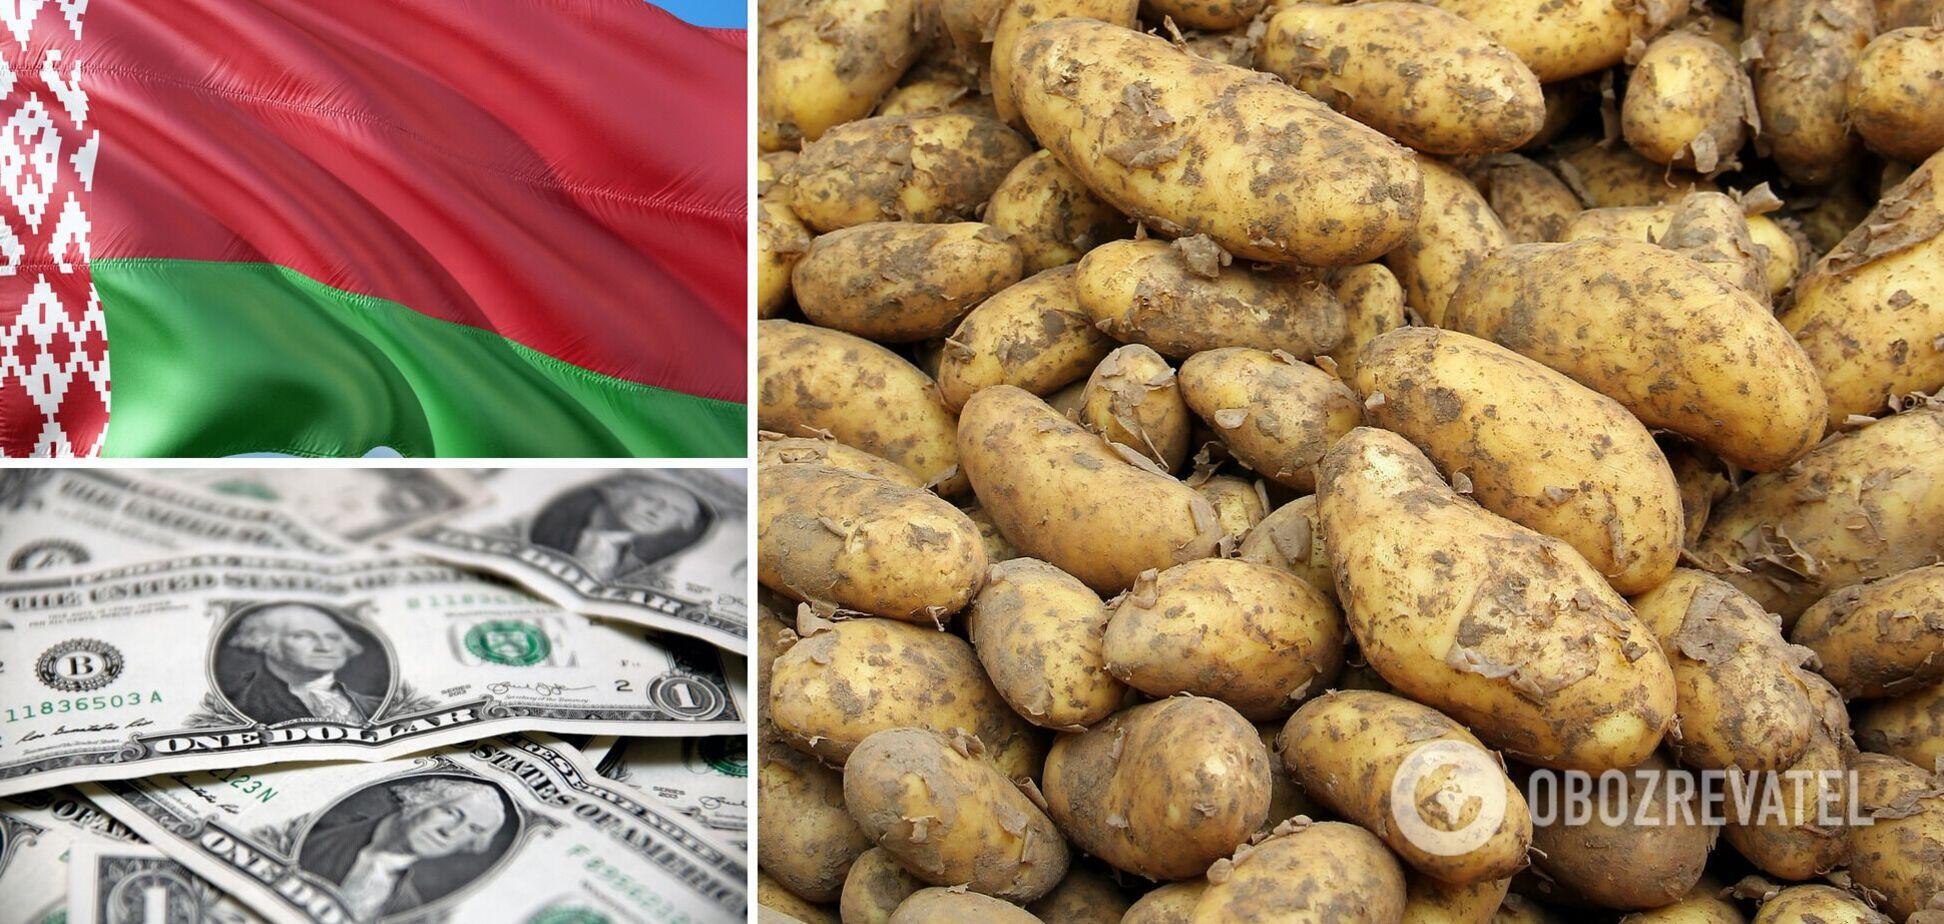 Білорусь скуповує українську картоплю під час збирання врожаю